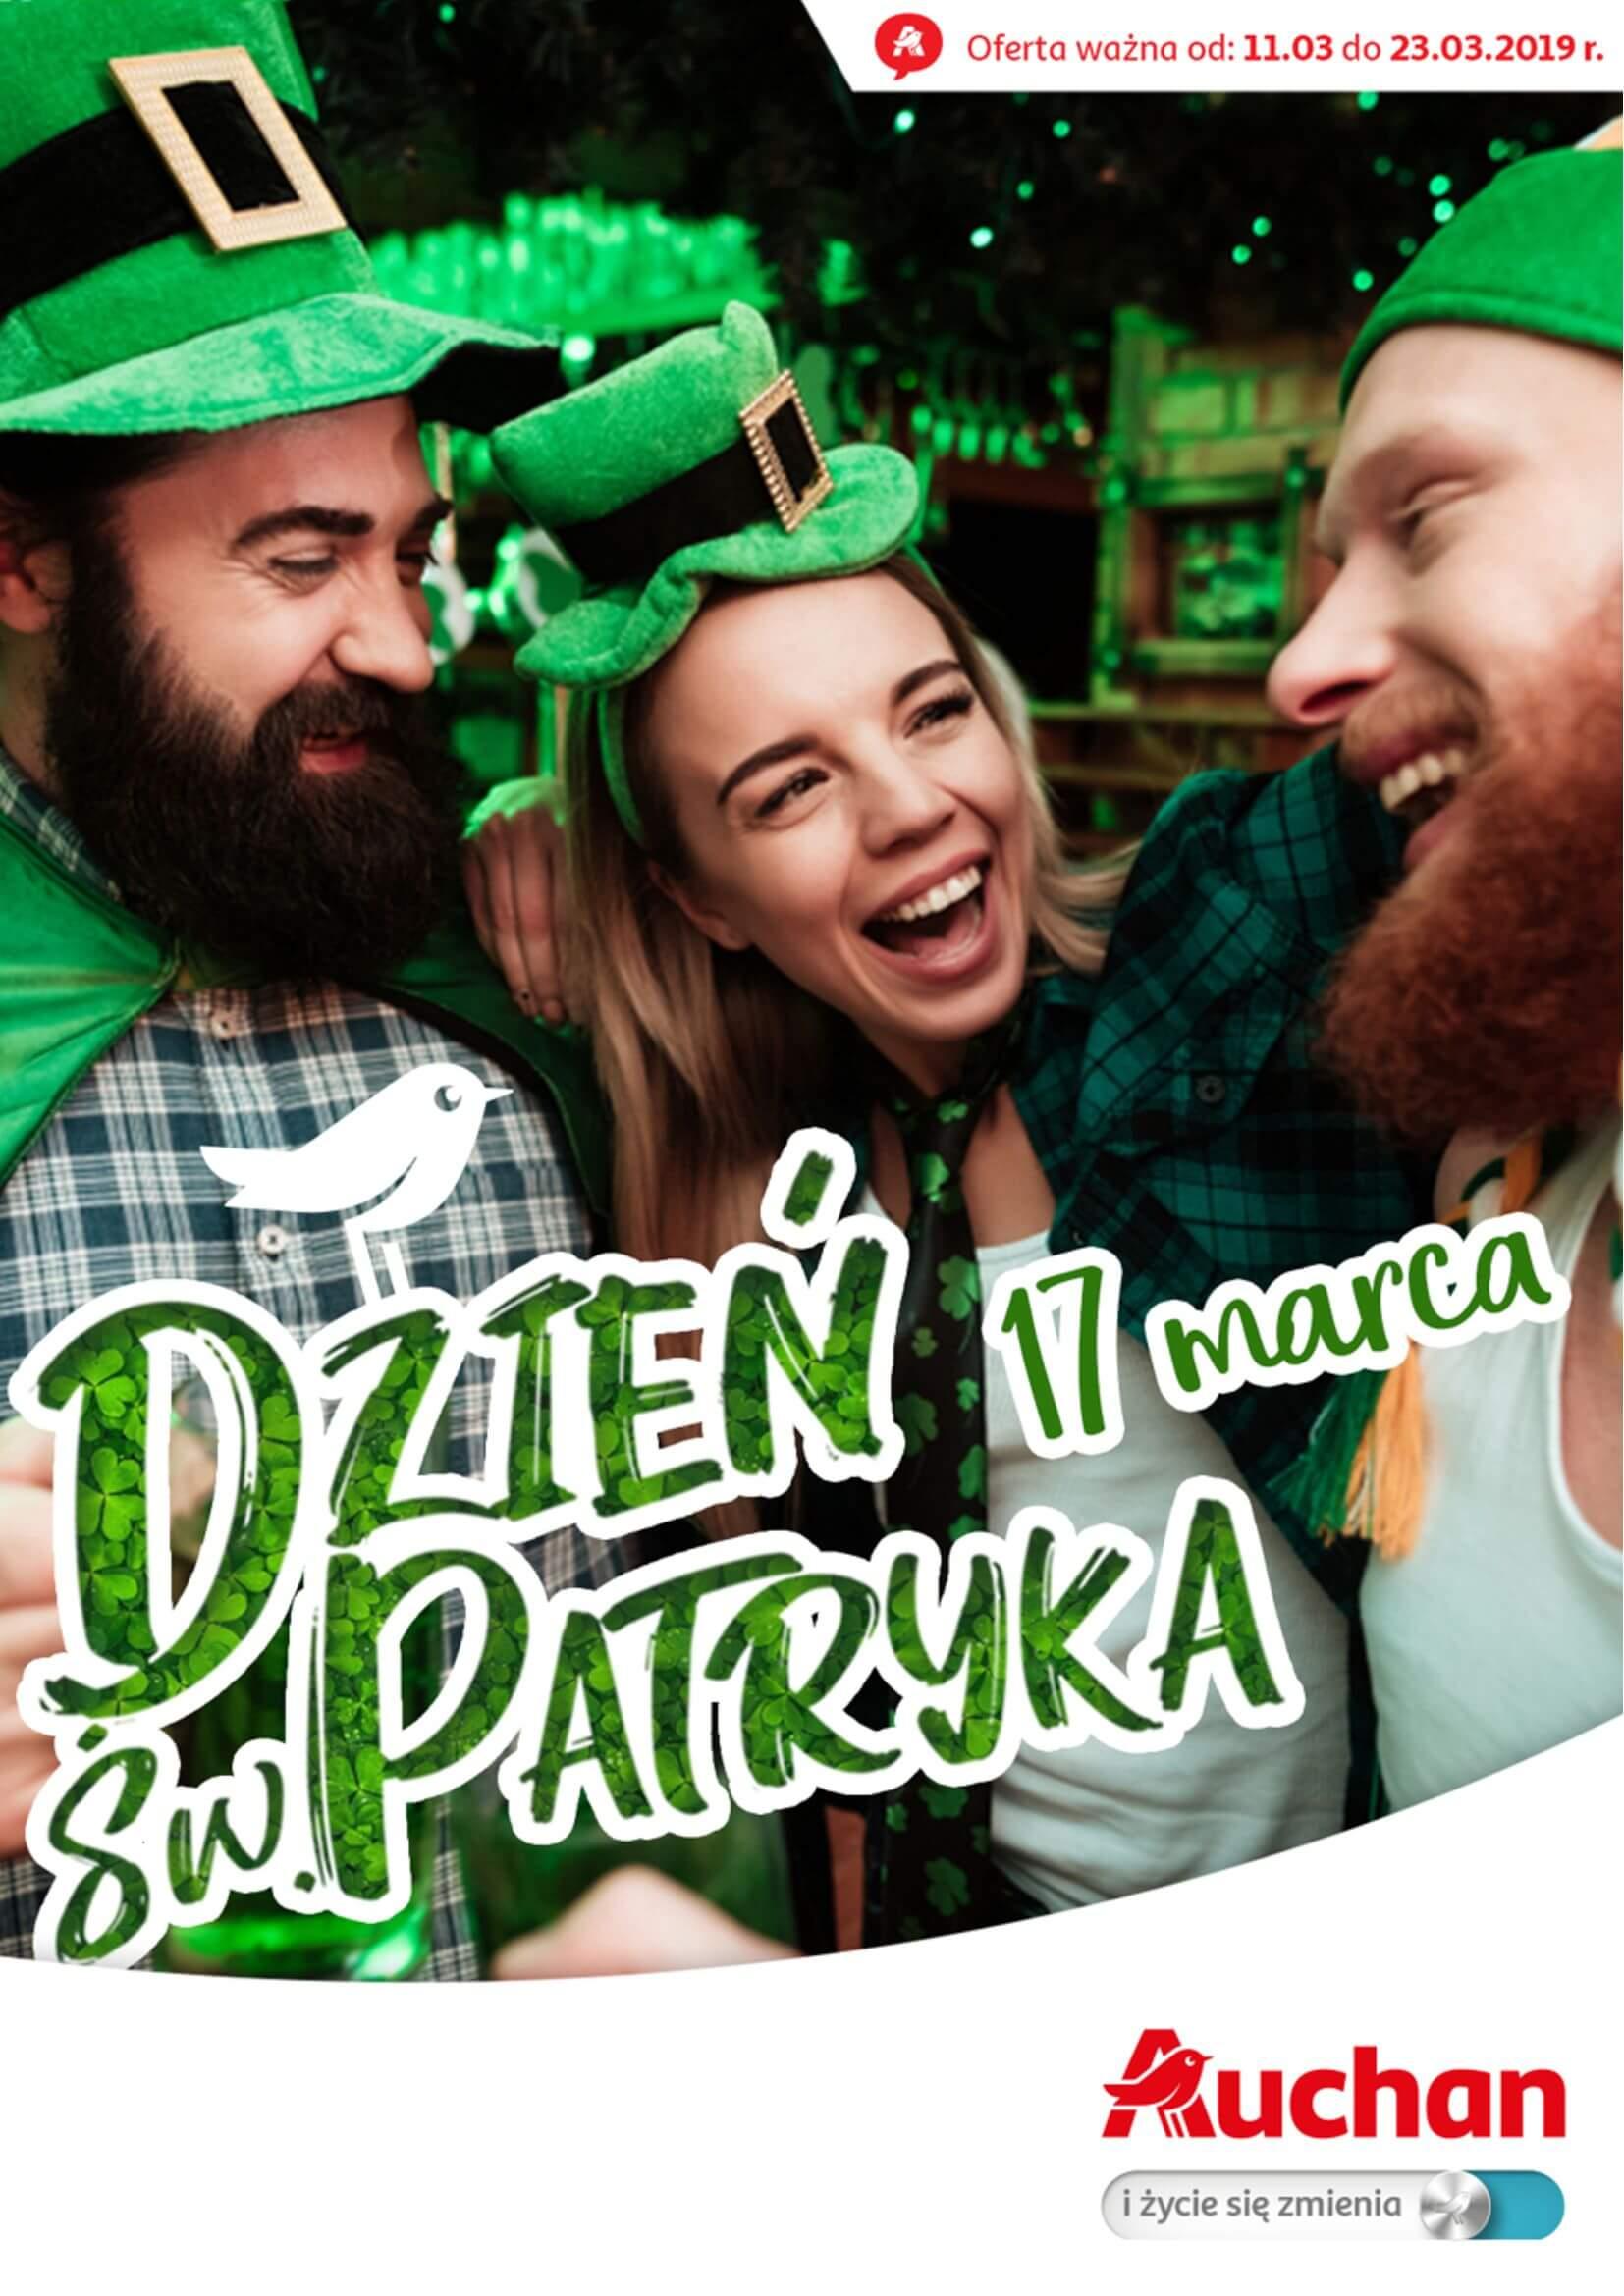 Gazetka Auchan - Dzień św. Patryka Hipermarkety-10.03.2019-23.03.2019-page-